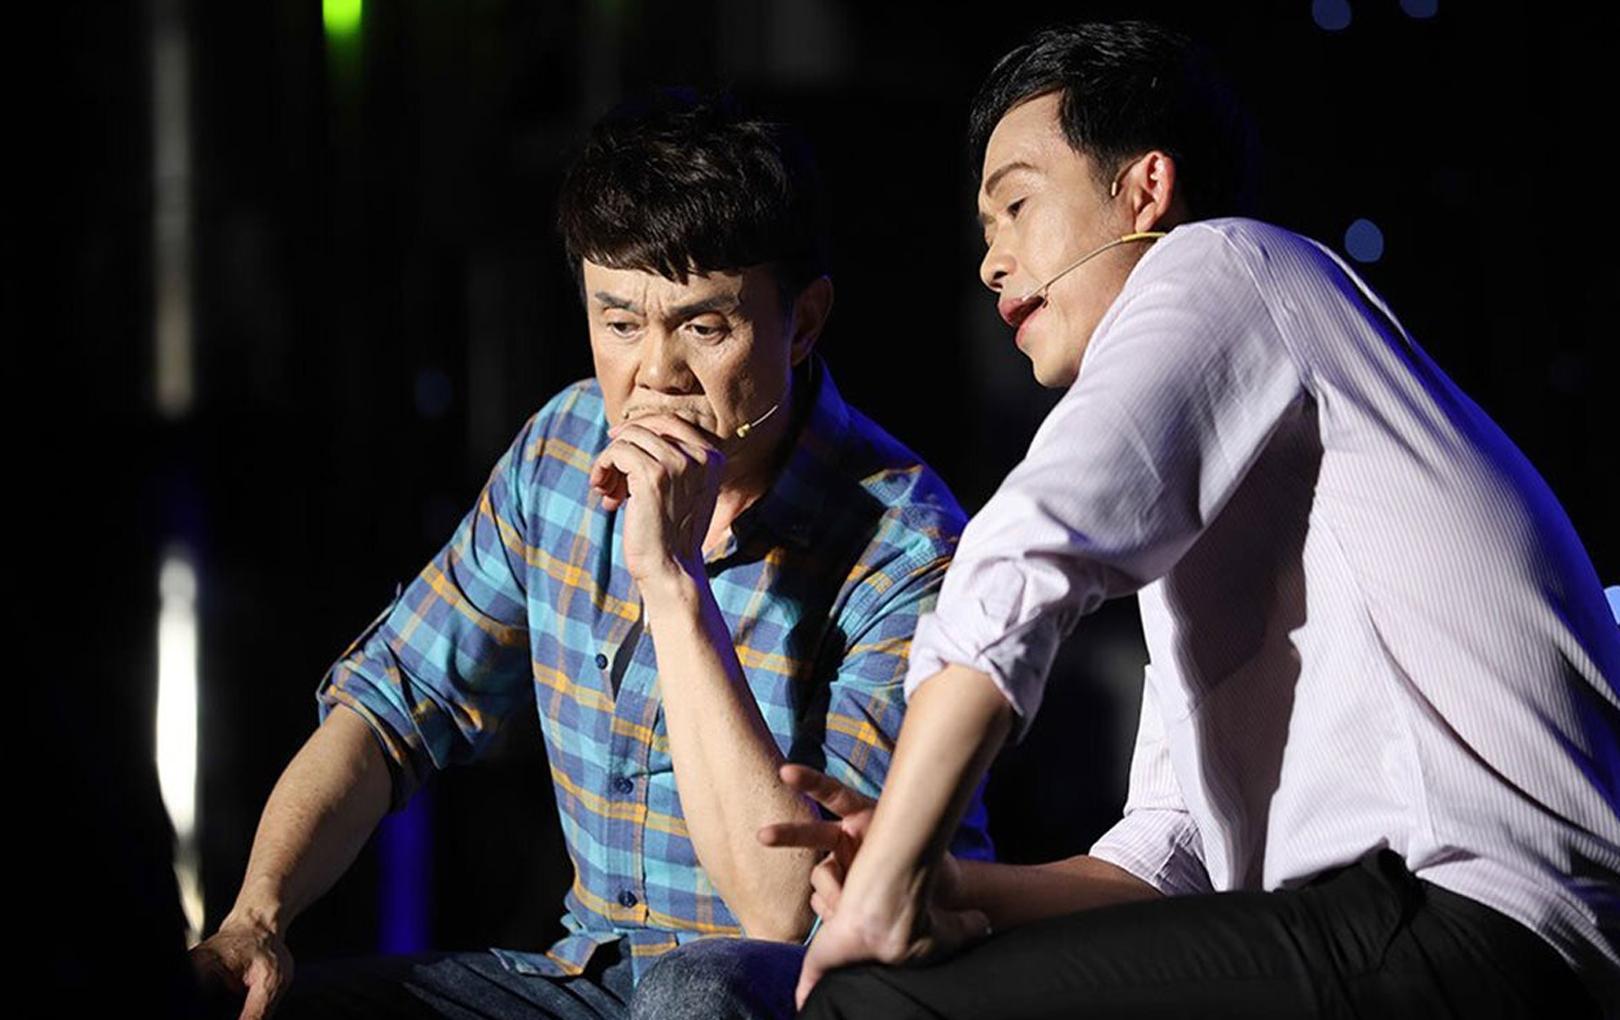 Dương Triệu Vũ tiết lộ phản ứng của Hoài Linh khi biết ngày phát tang cố NS Chí Tài cũng chính là ngày sinh nhật của mình